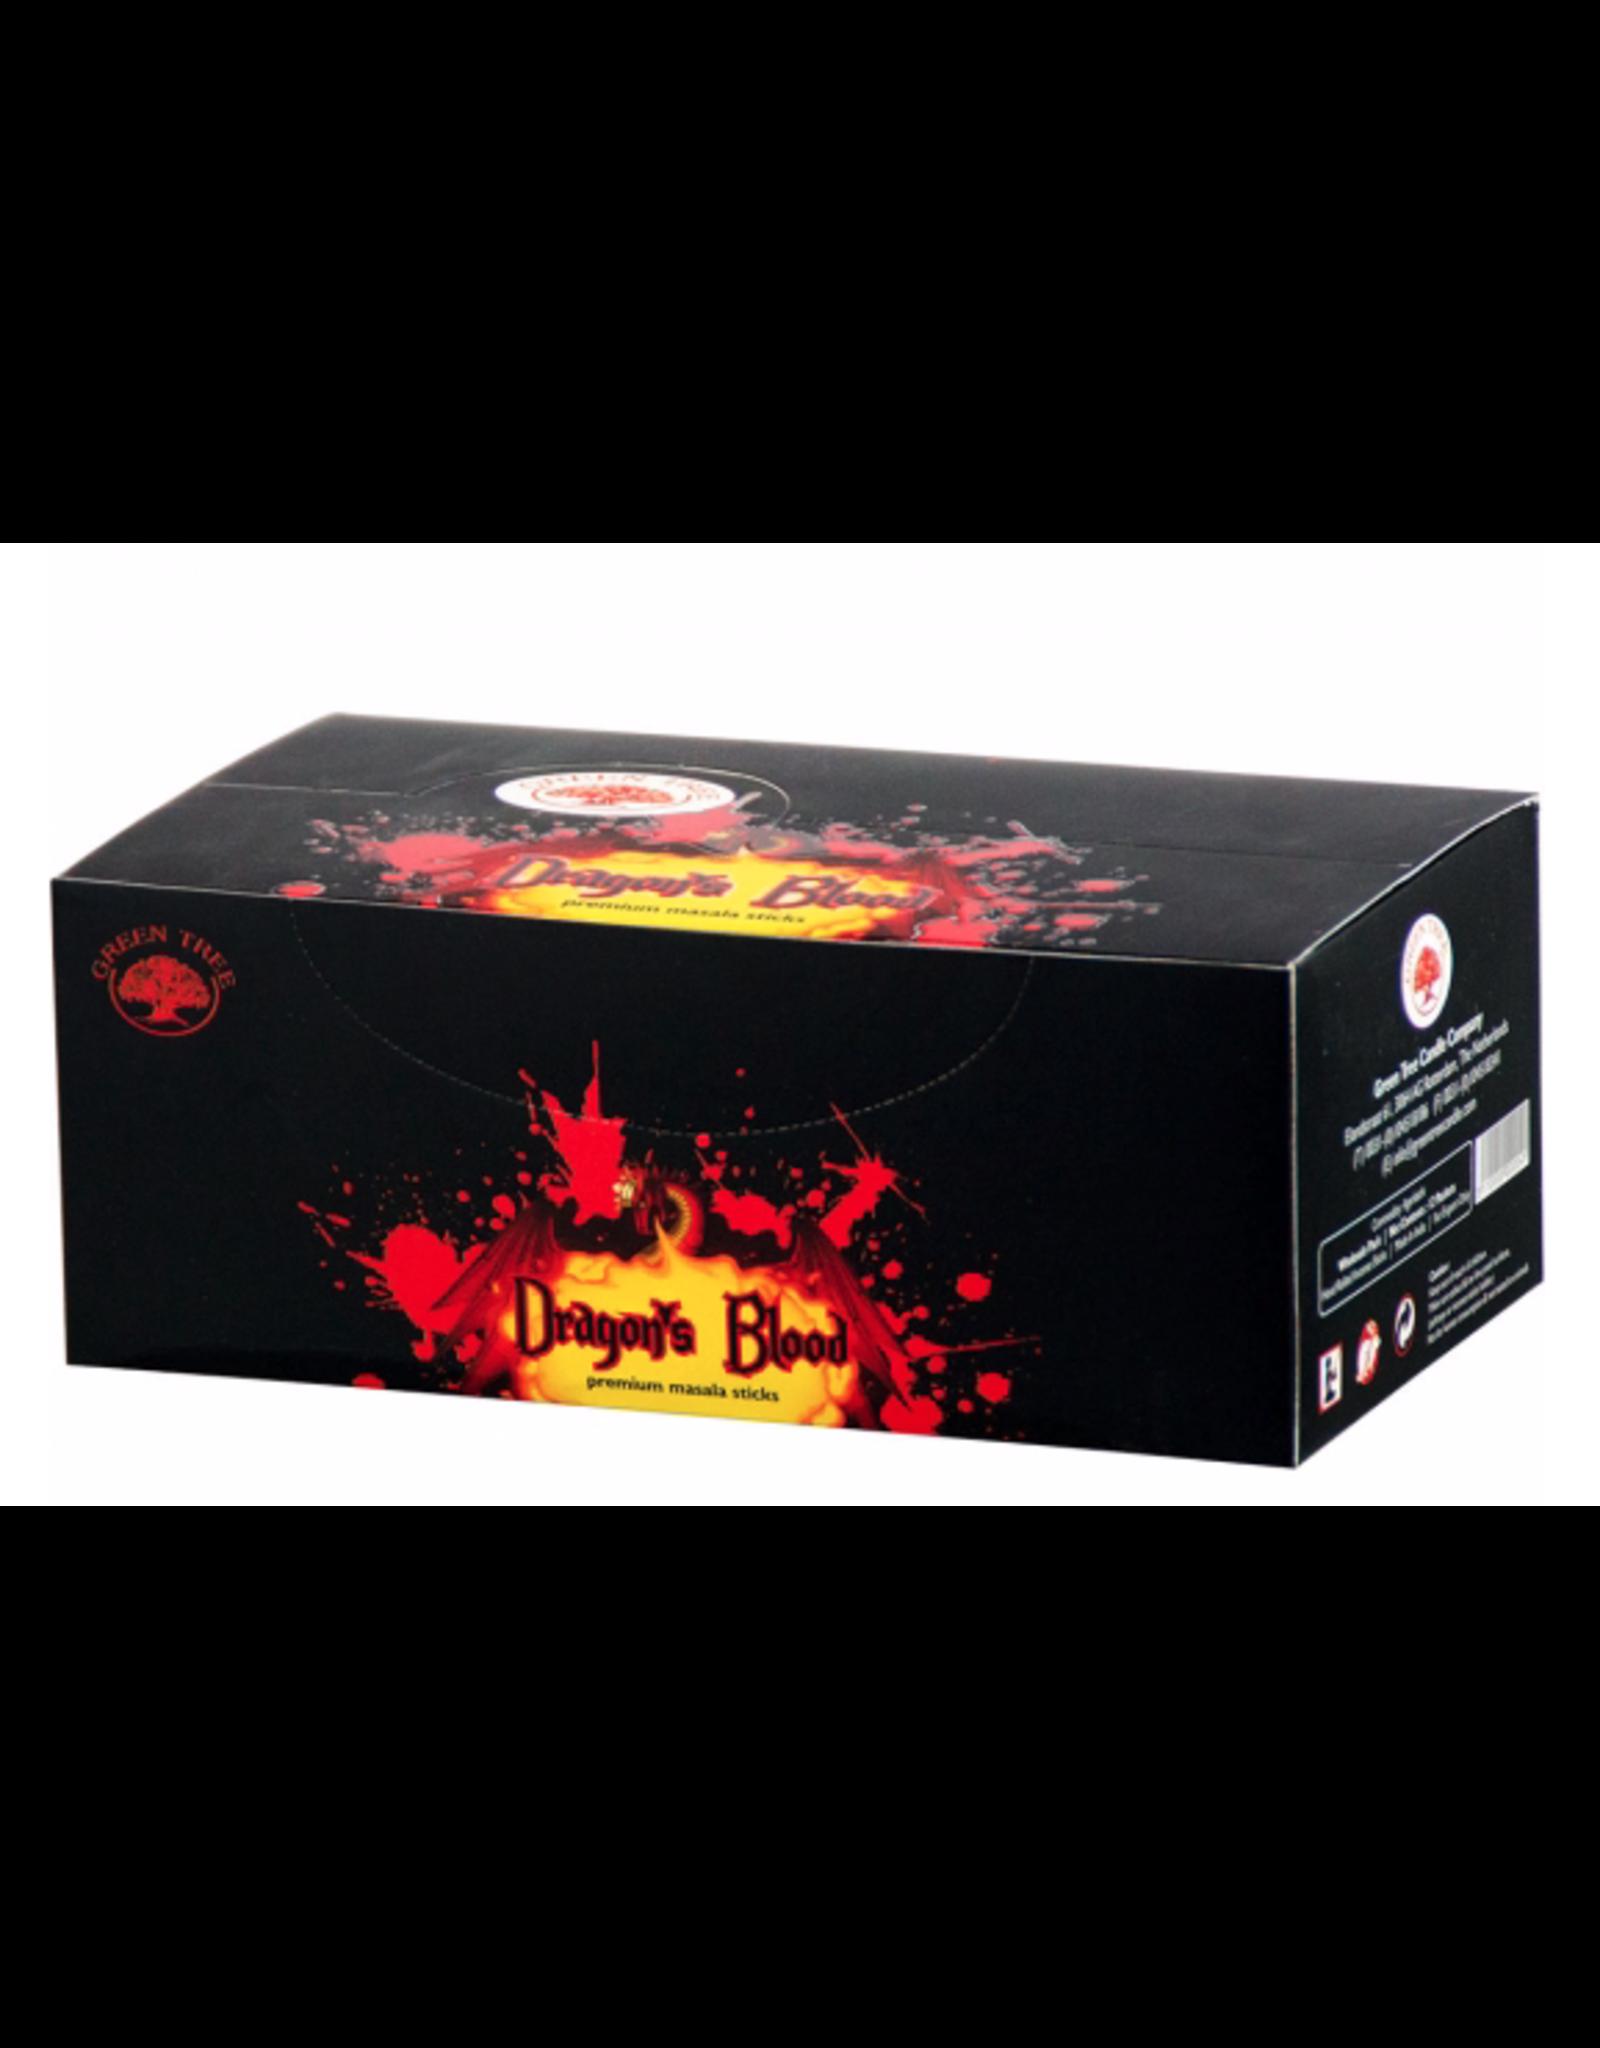 Dragon's Blood Incense Box - Sticks